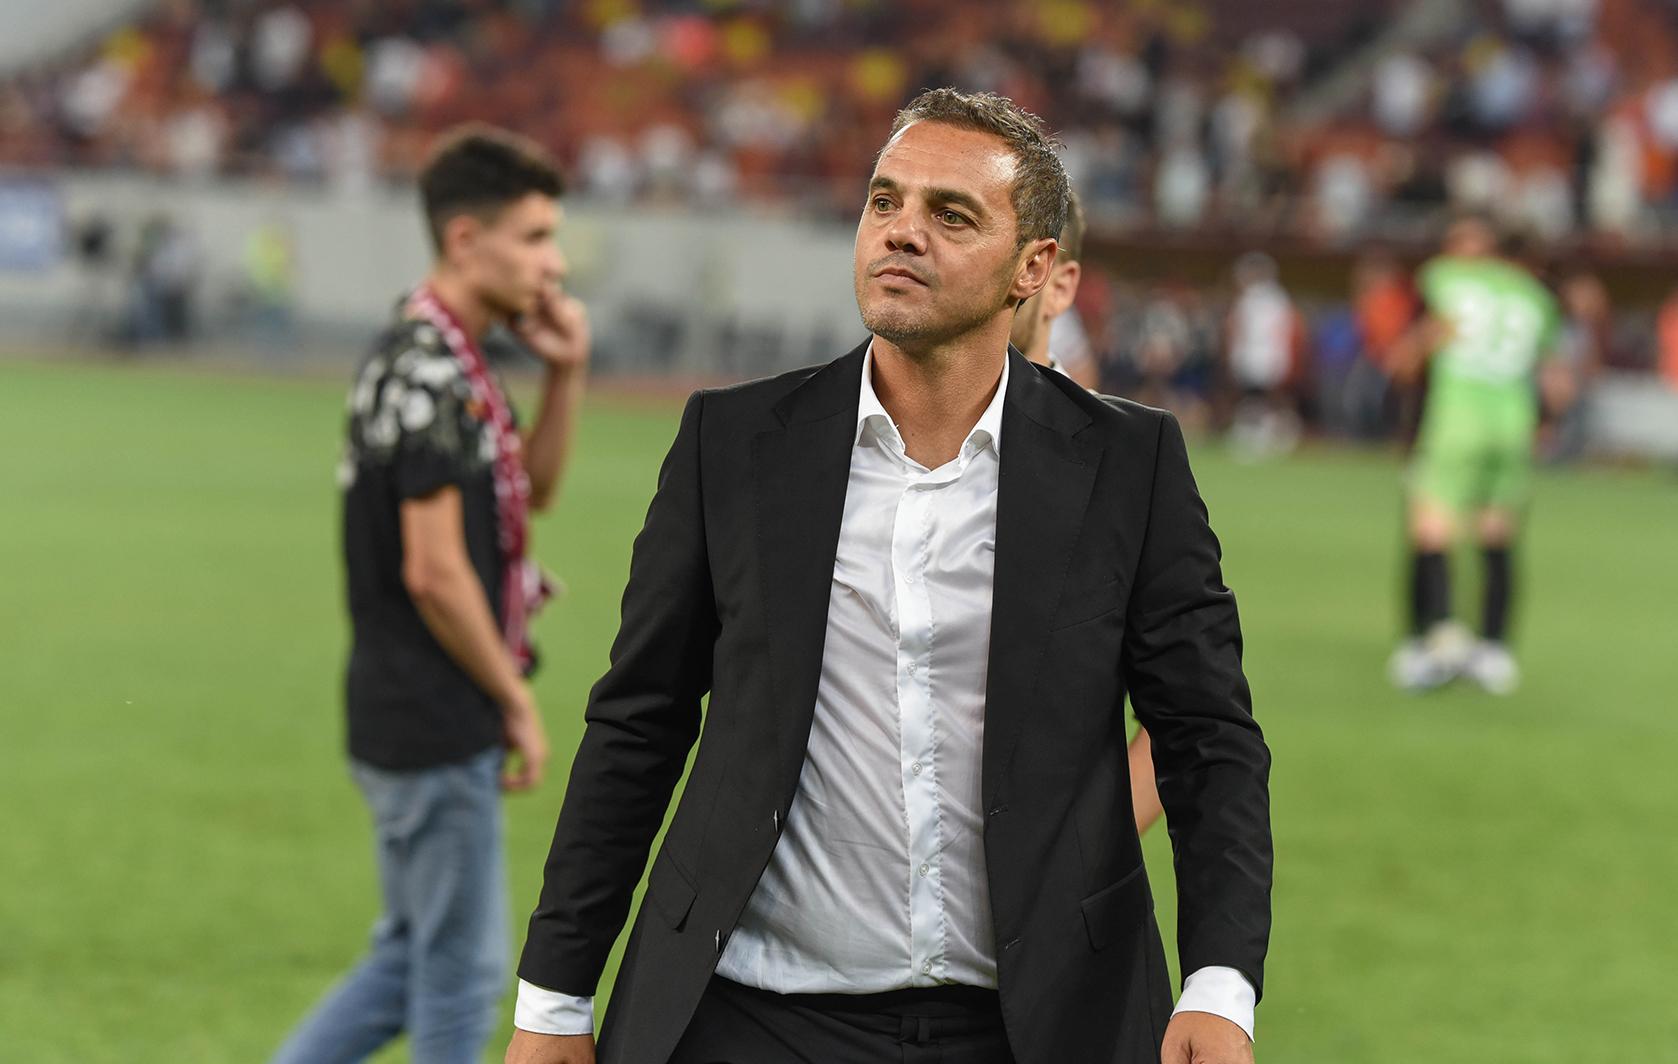 Plecarea lui Ionuț Radu de la Inter e aproape sigură! Cine l-a sfătuit să-și găsească altă echipă